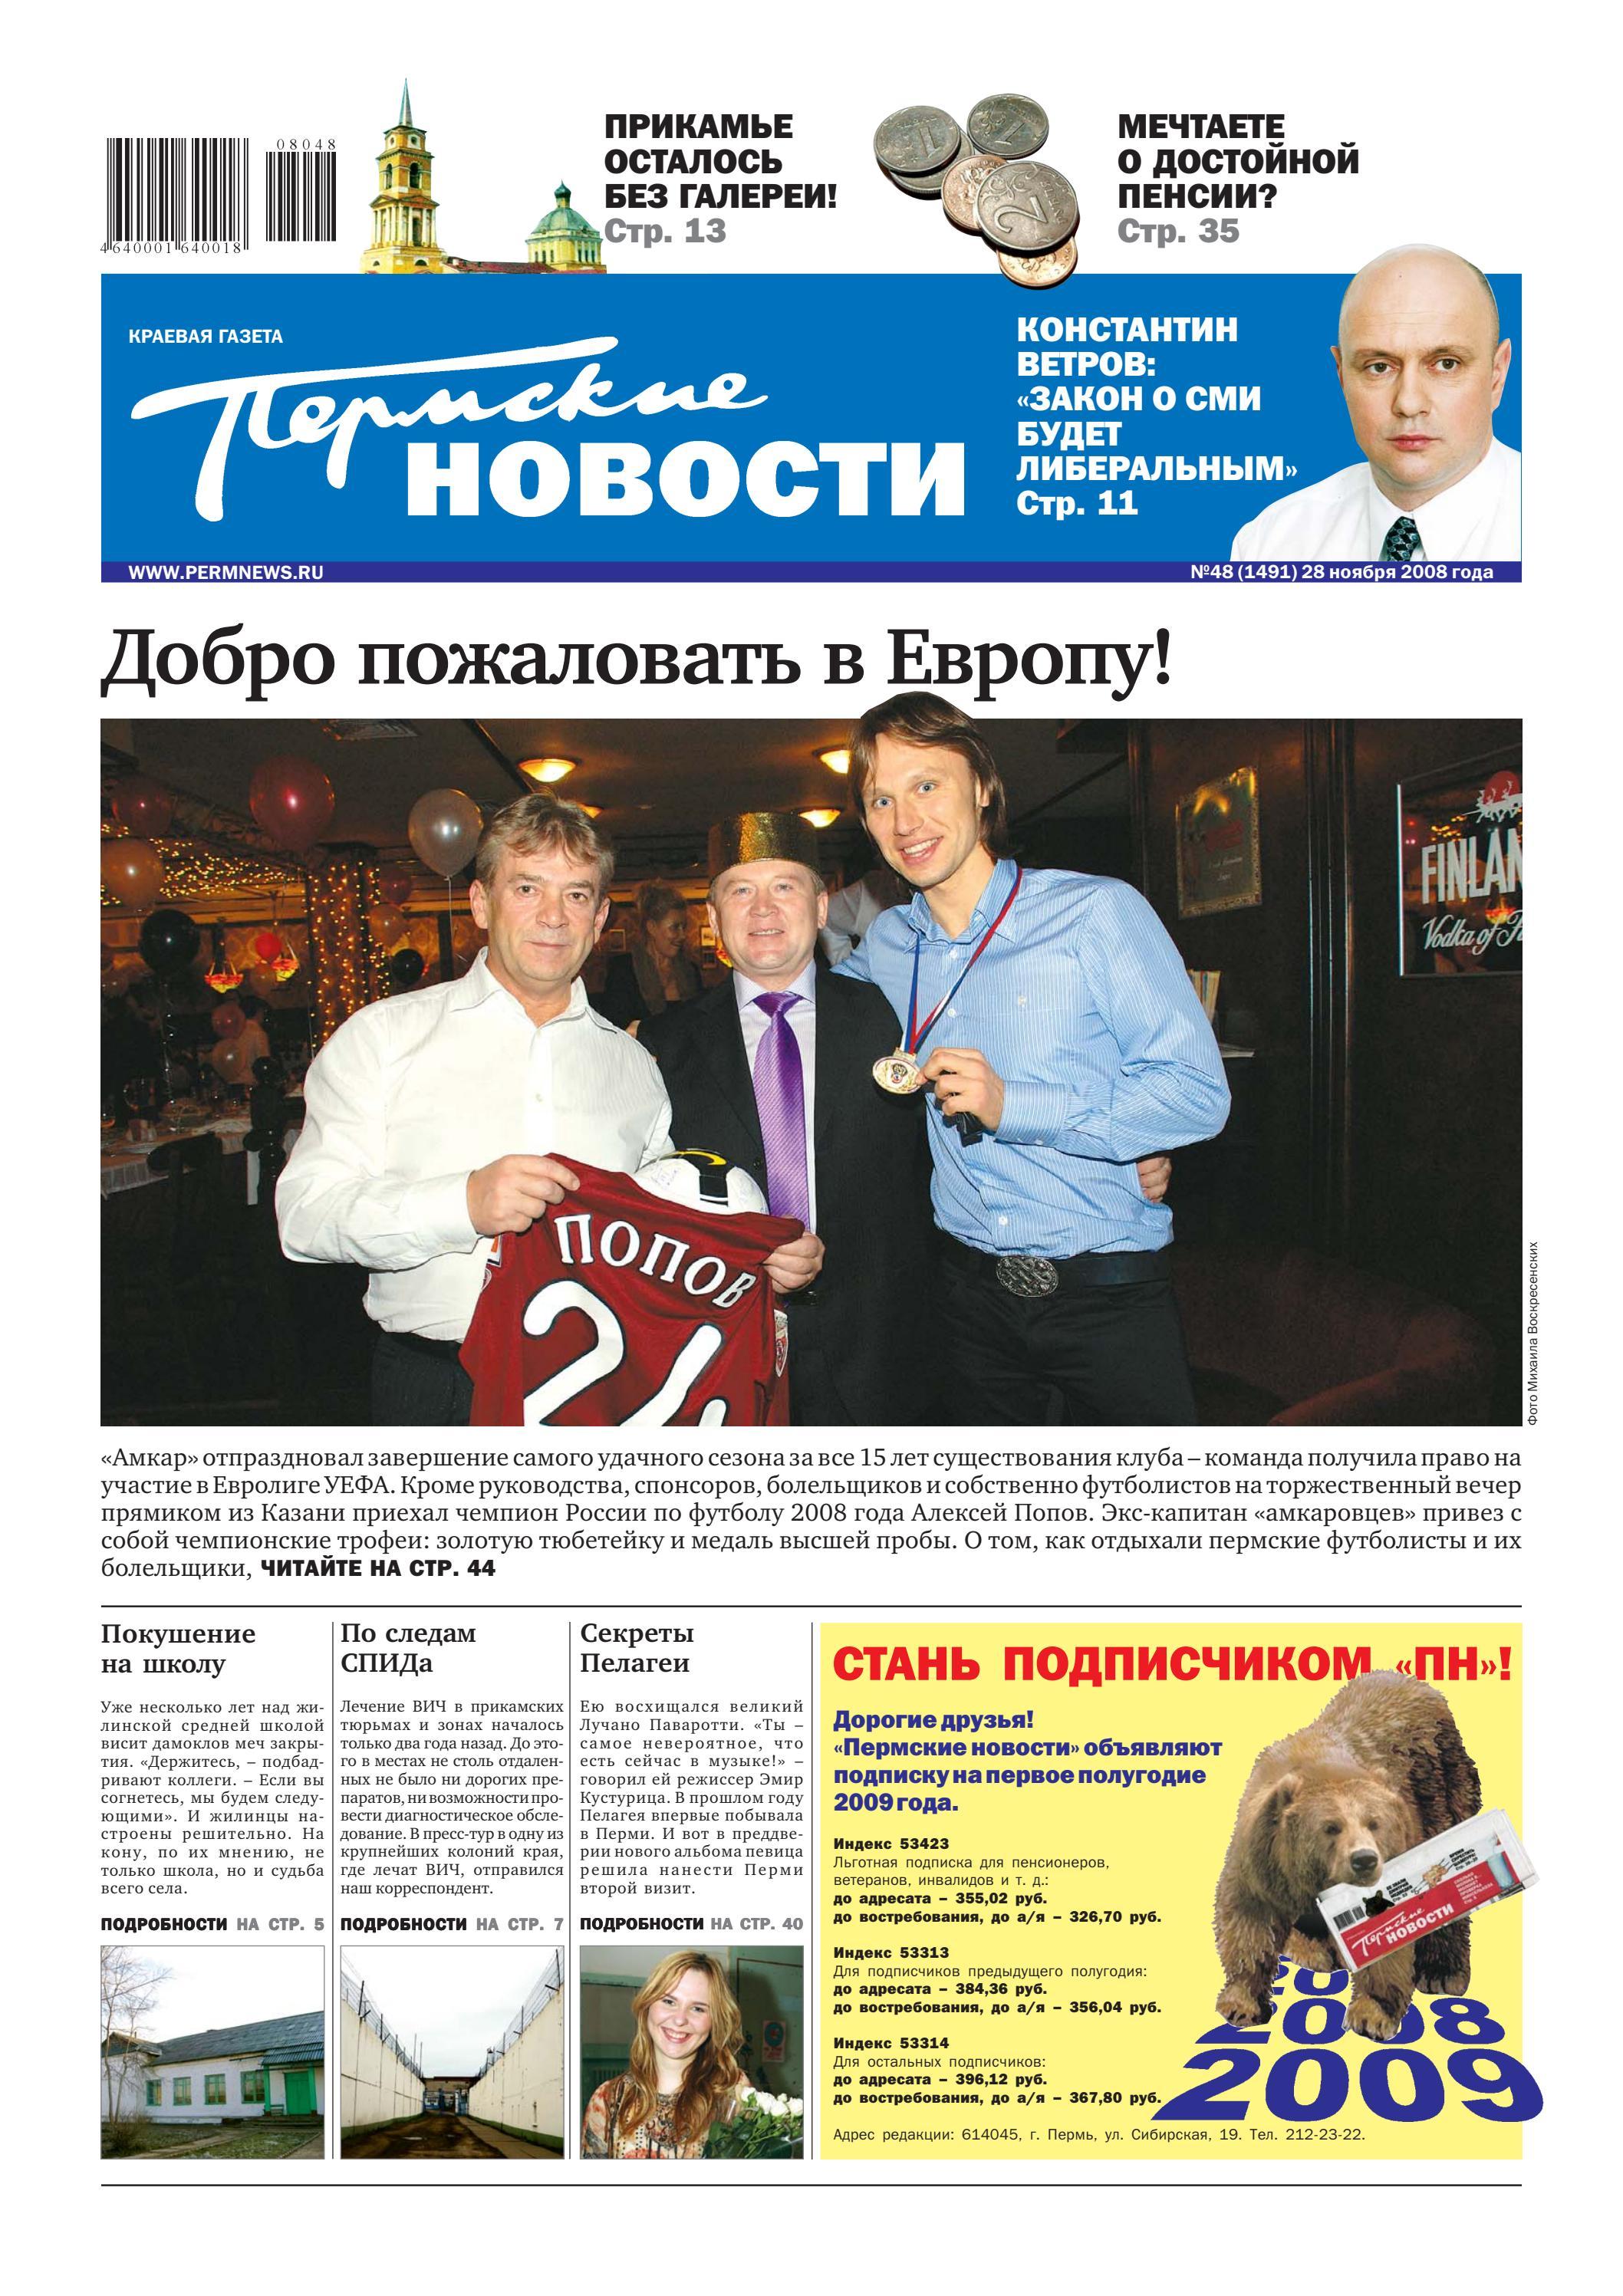 foto Западные СМИ пугают футбольных болельщиков странными законами России перед ЧМ-2018 изображения